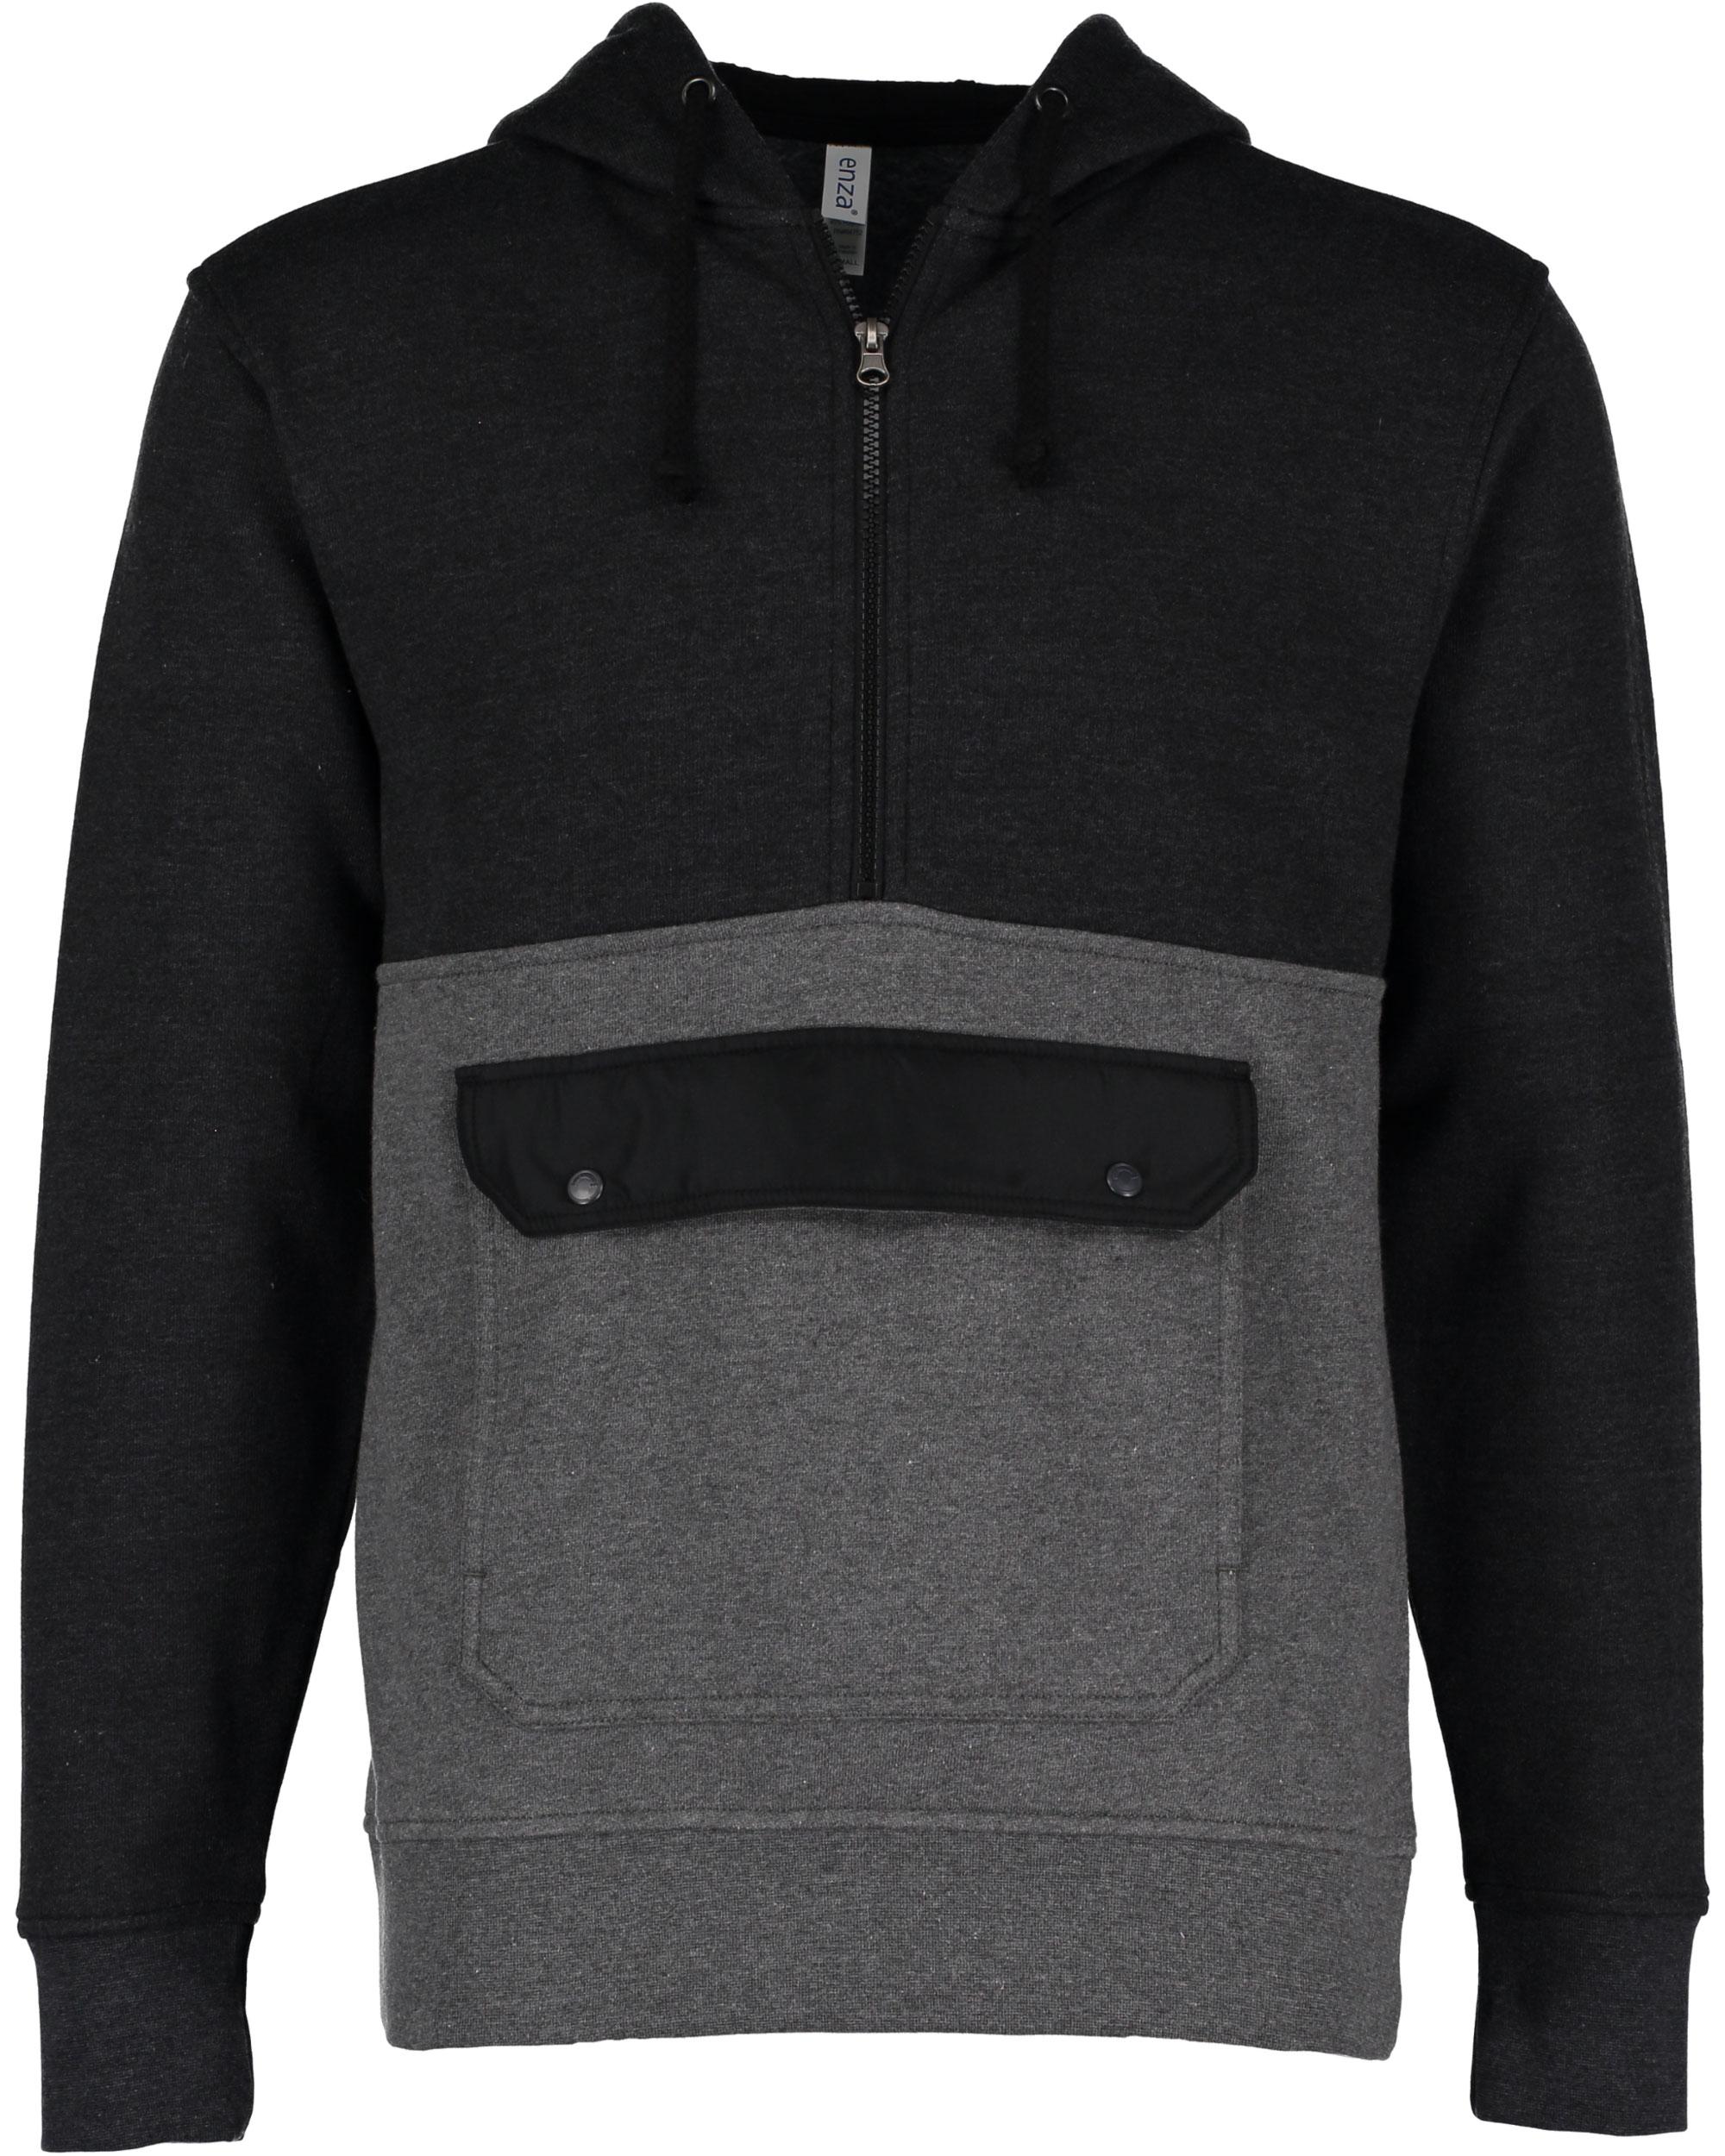 Enza 39979 - Unisex Half Zip Pullover Hood